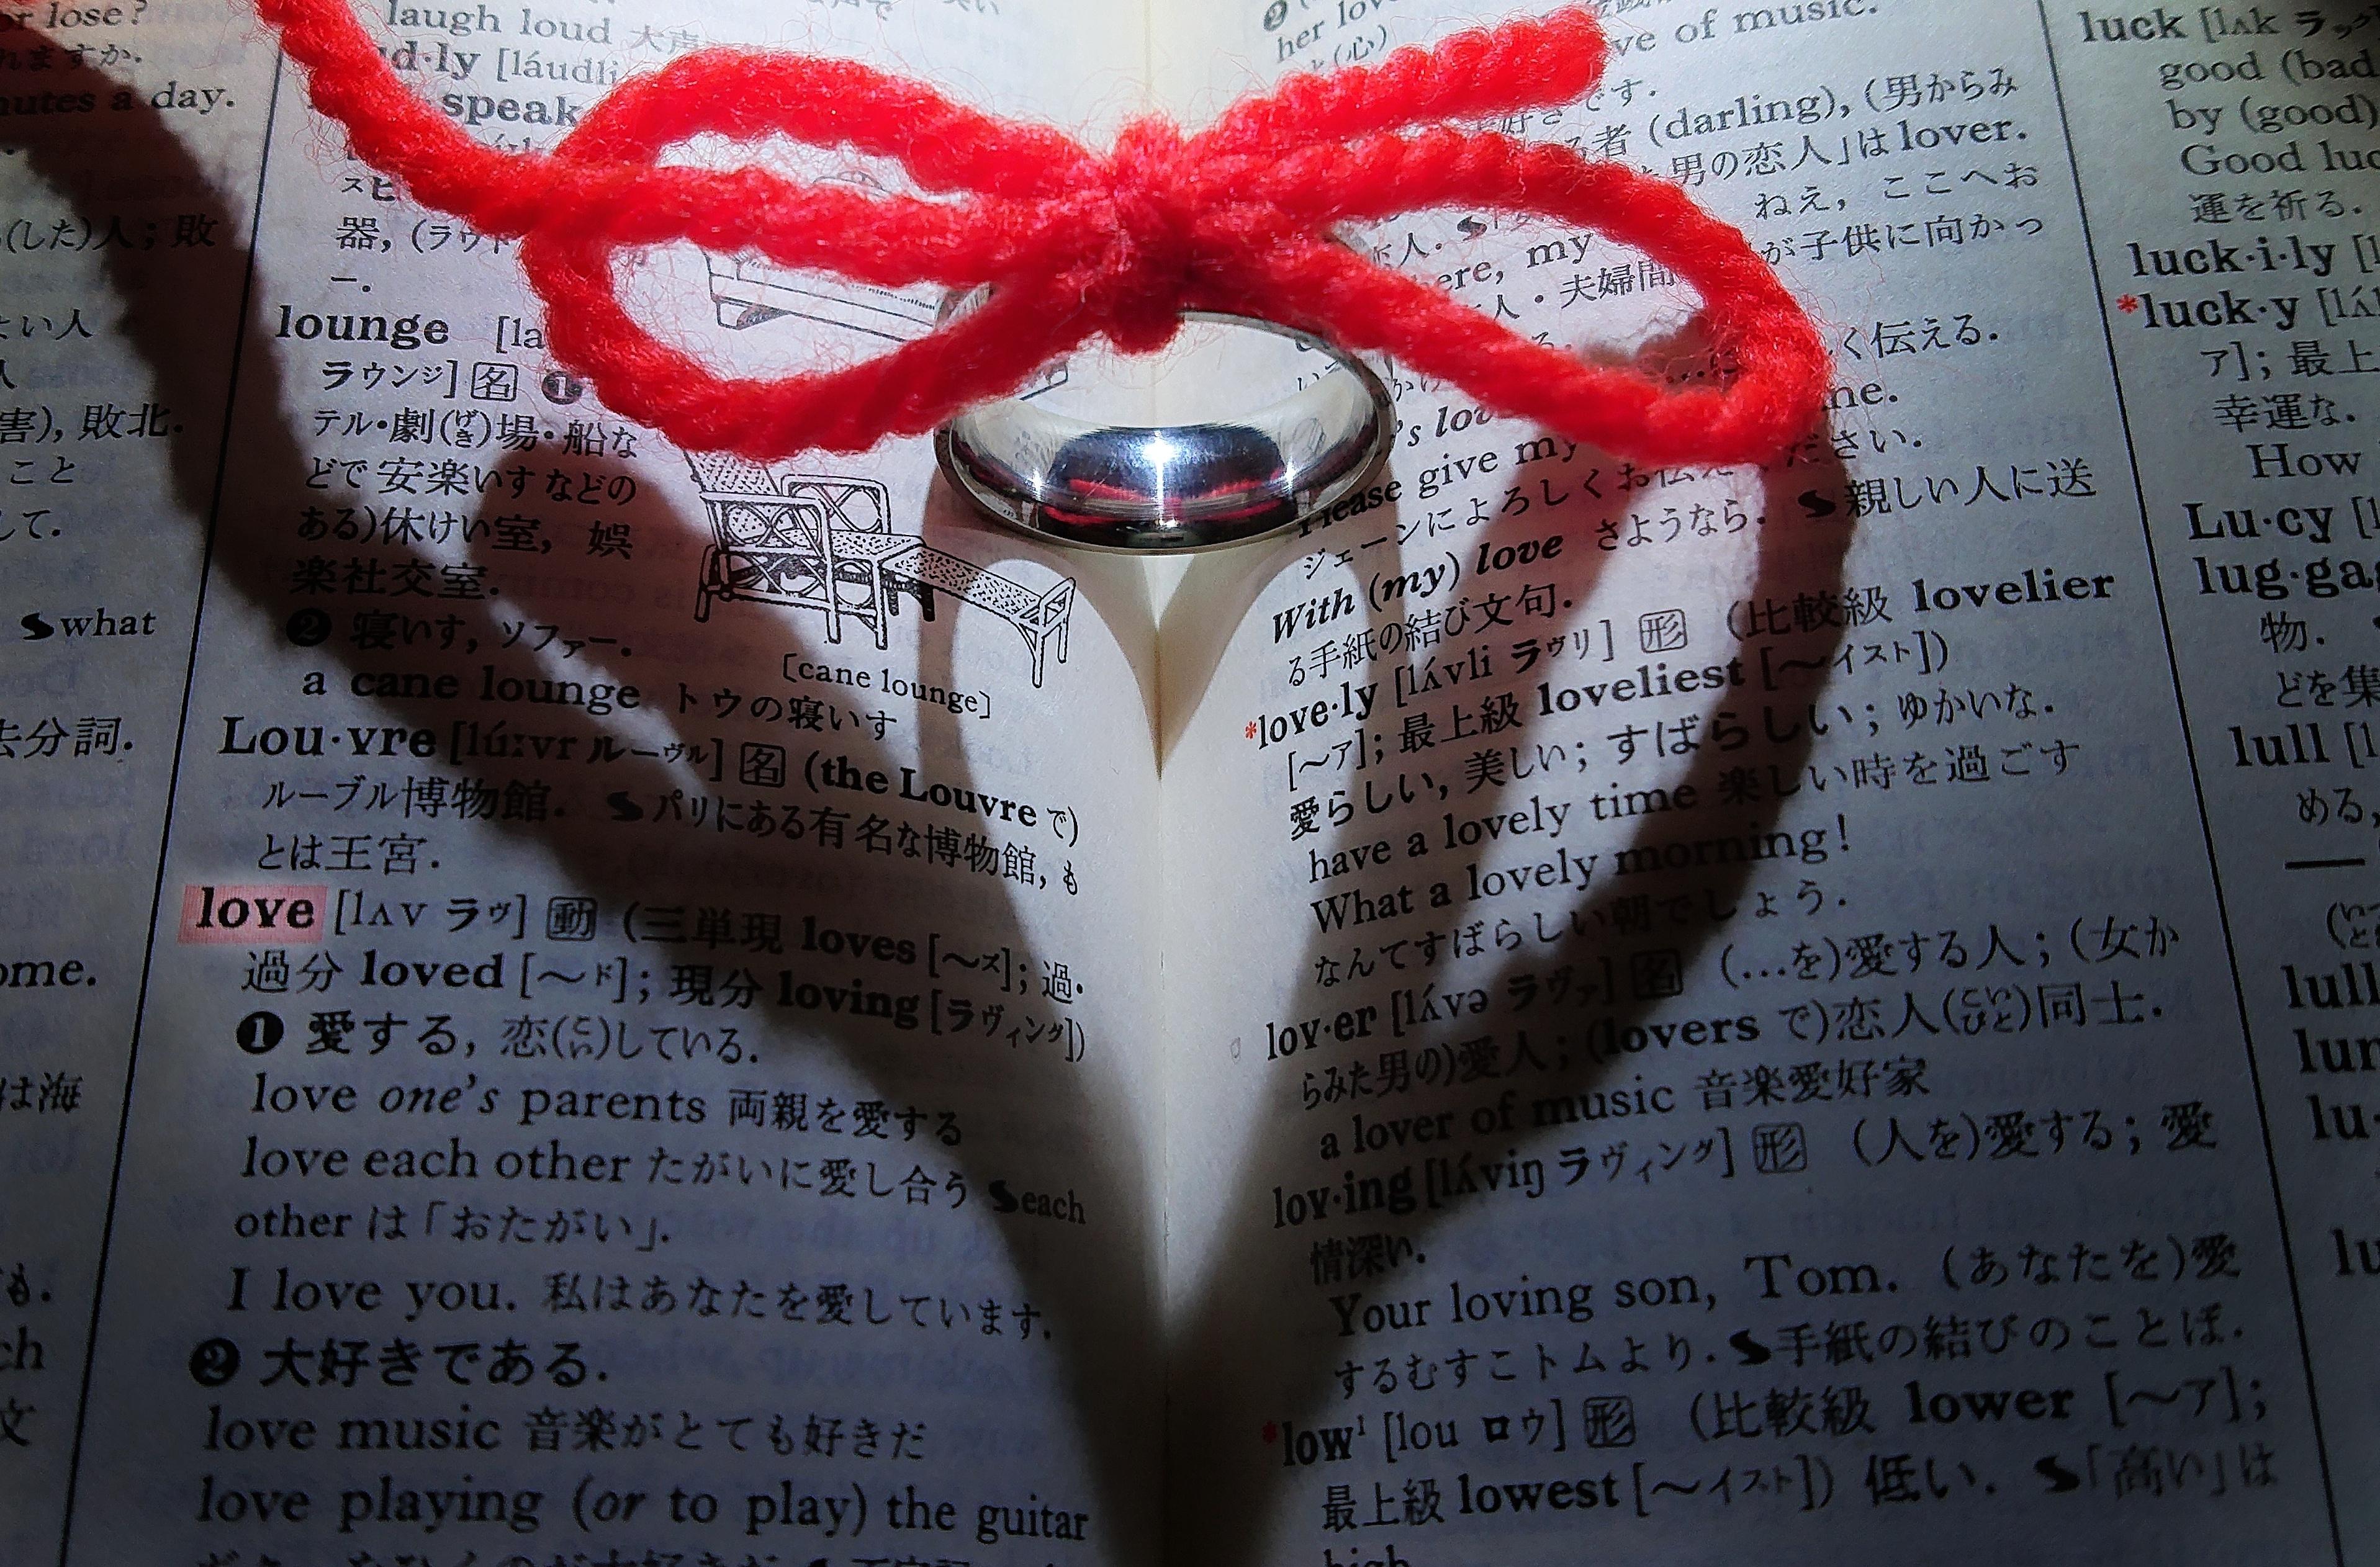 姜暢雄が結婚!プロフィールや直筆メッセージ、オススメ作品を紹介!